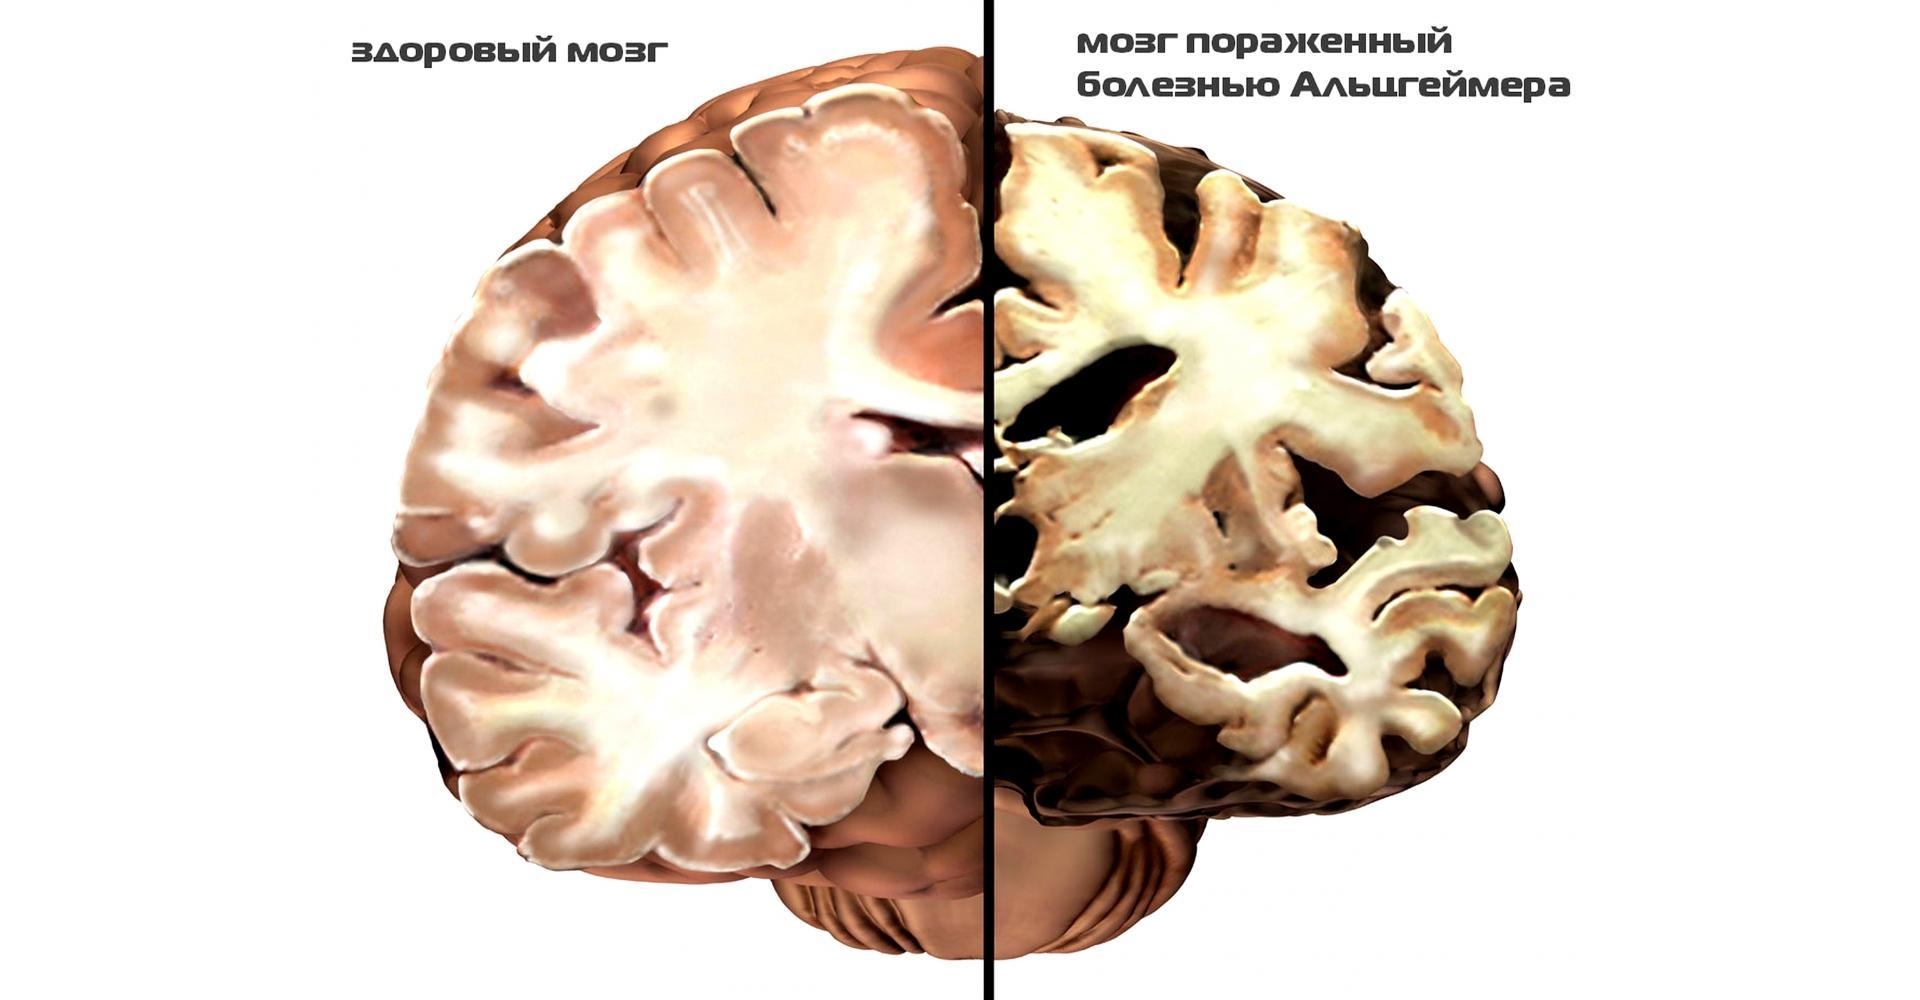 Что общего у болезни Альцгеймера и сахарного диабета?